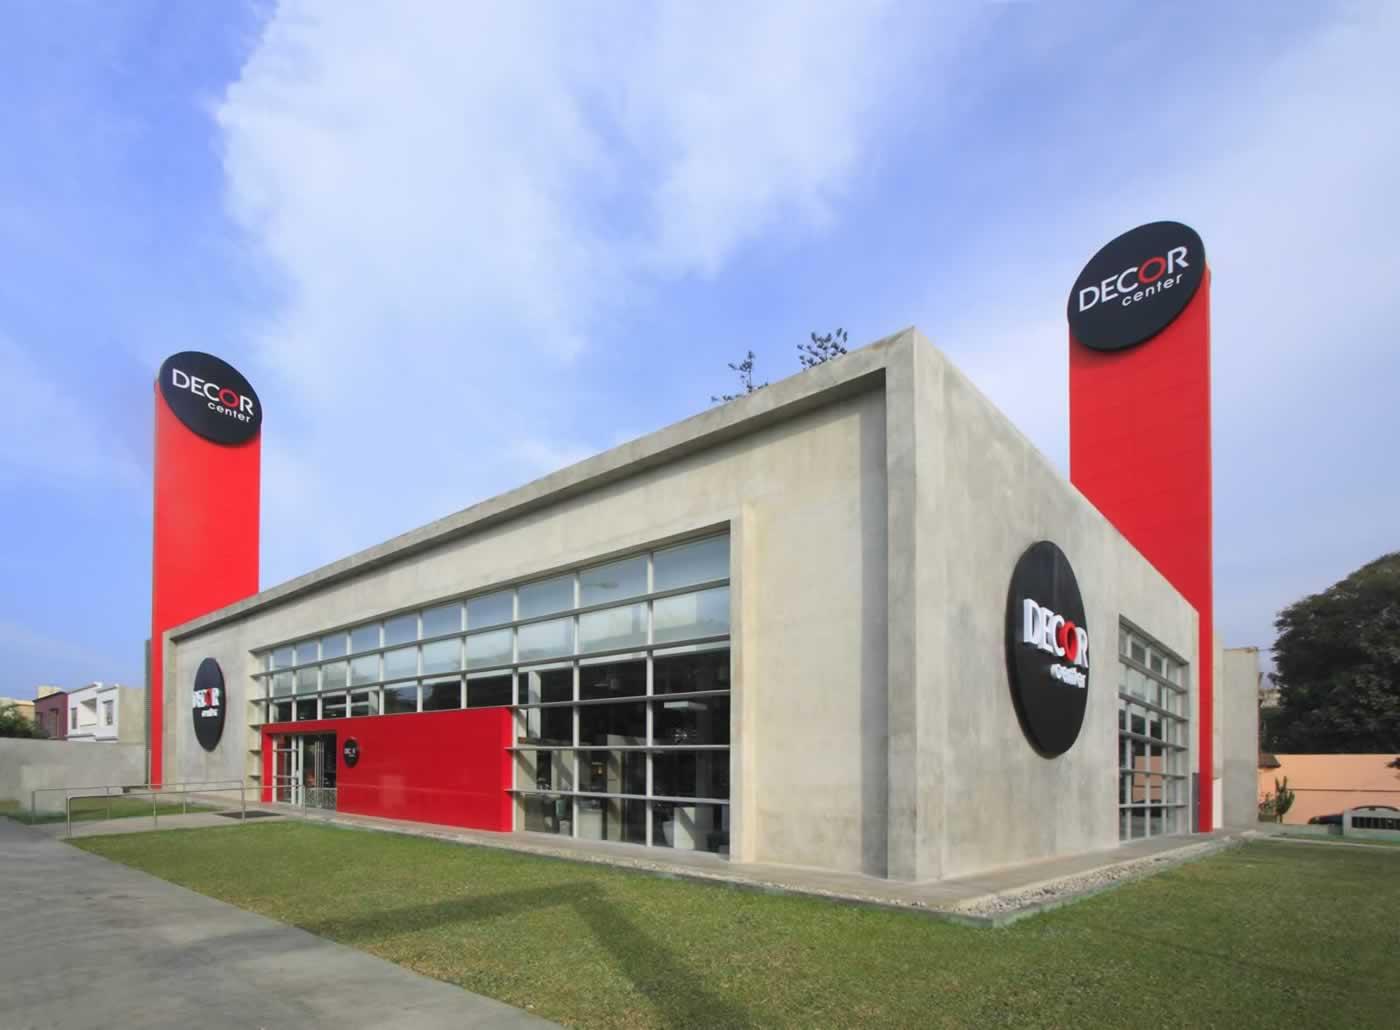 decor center - Decor Center apuesta por la renovación del diseño en el sector retail